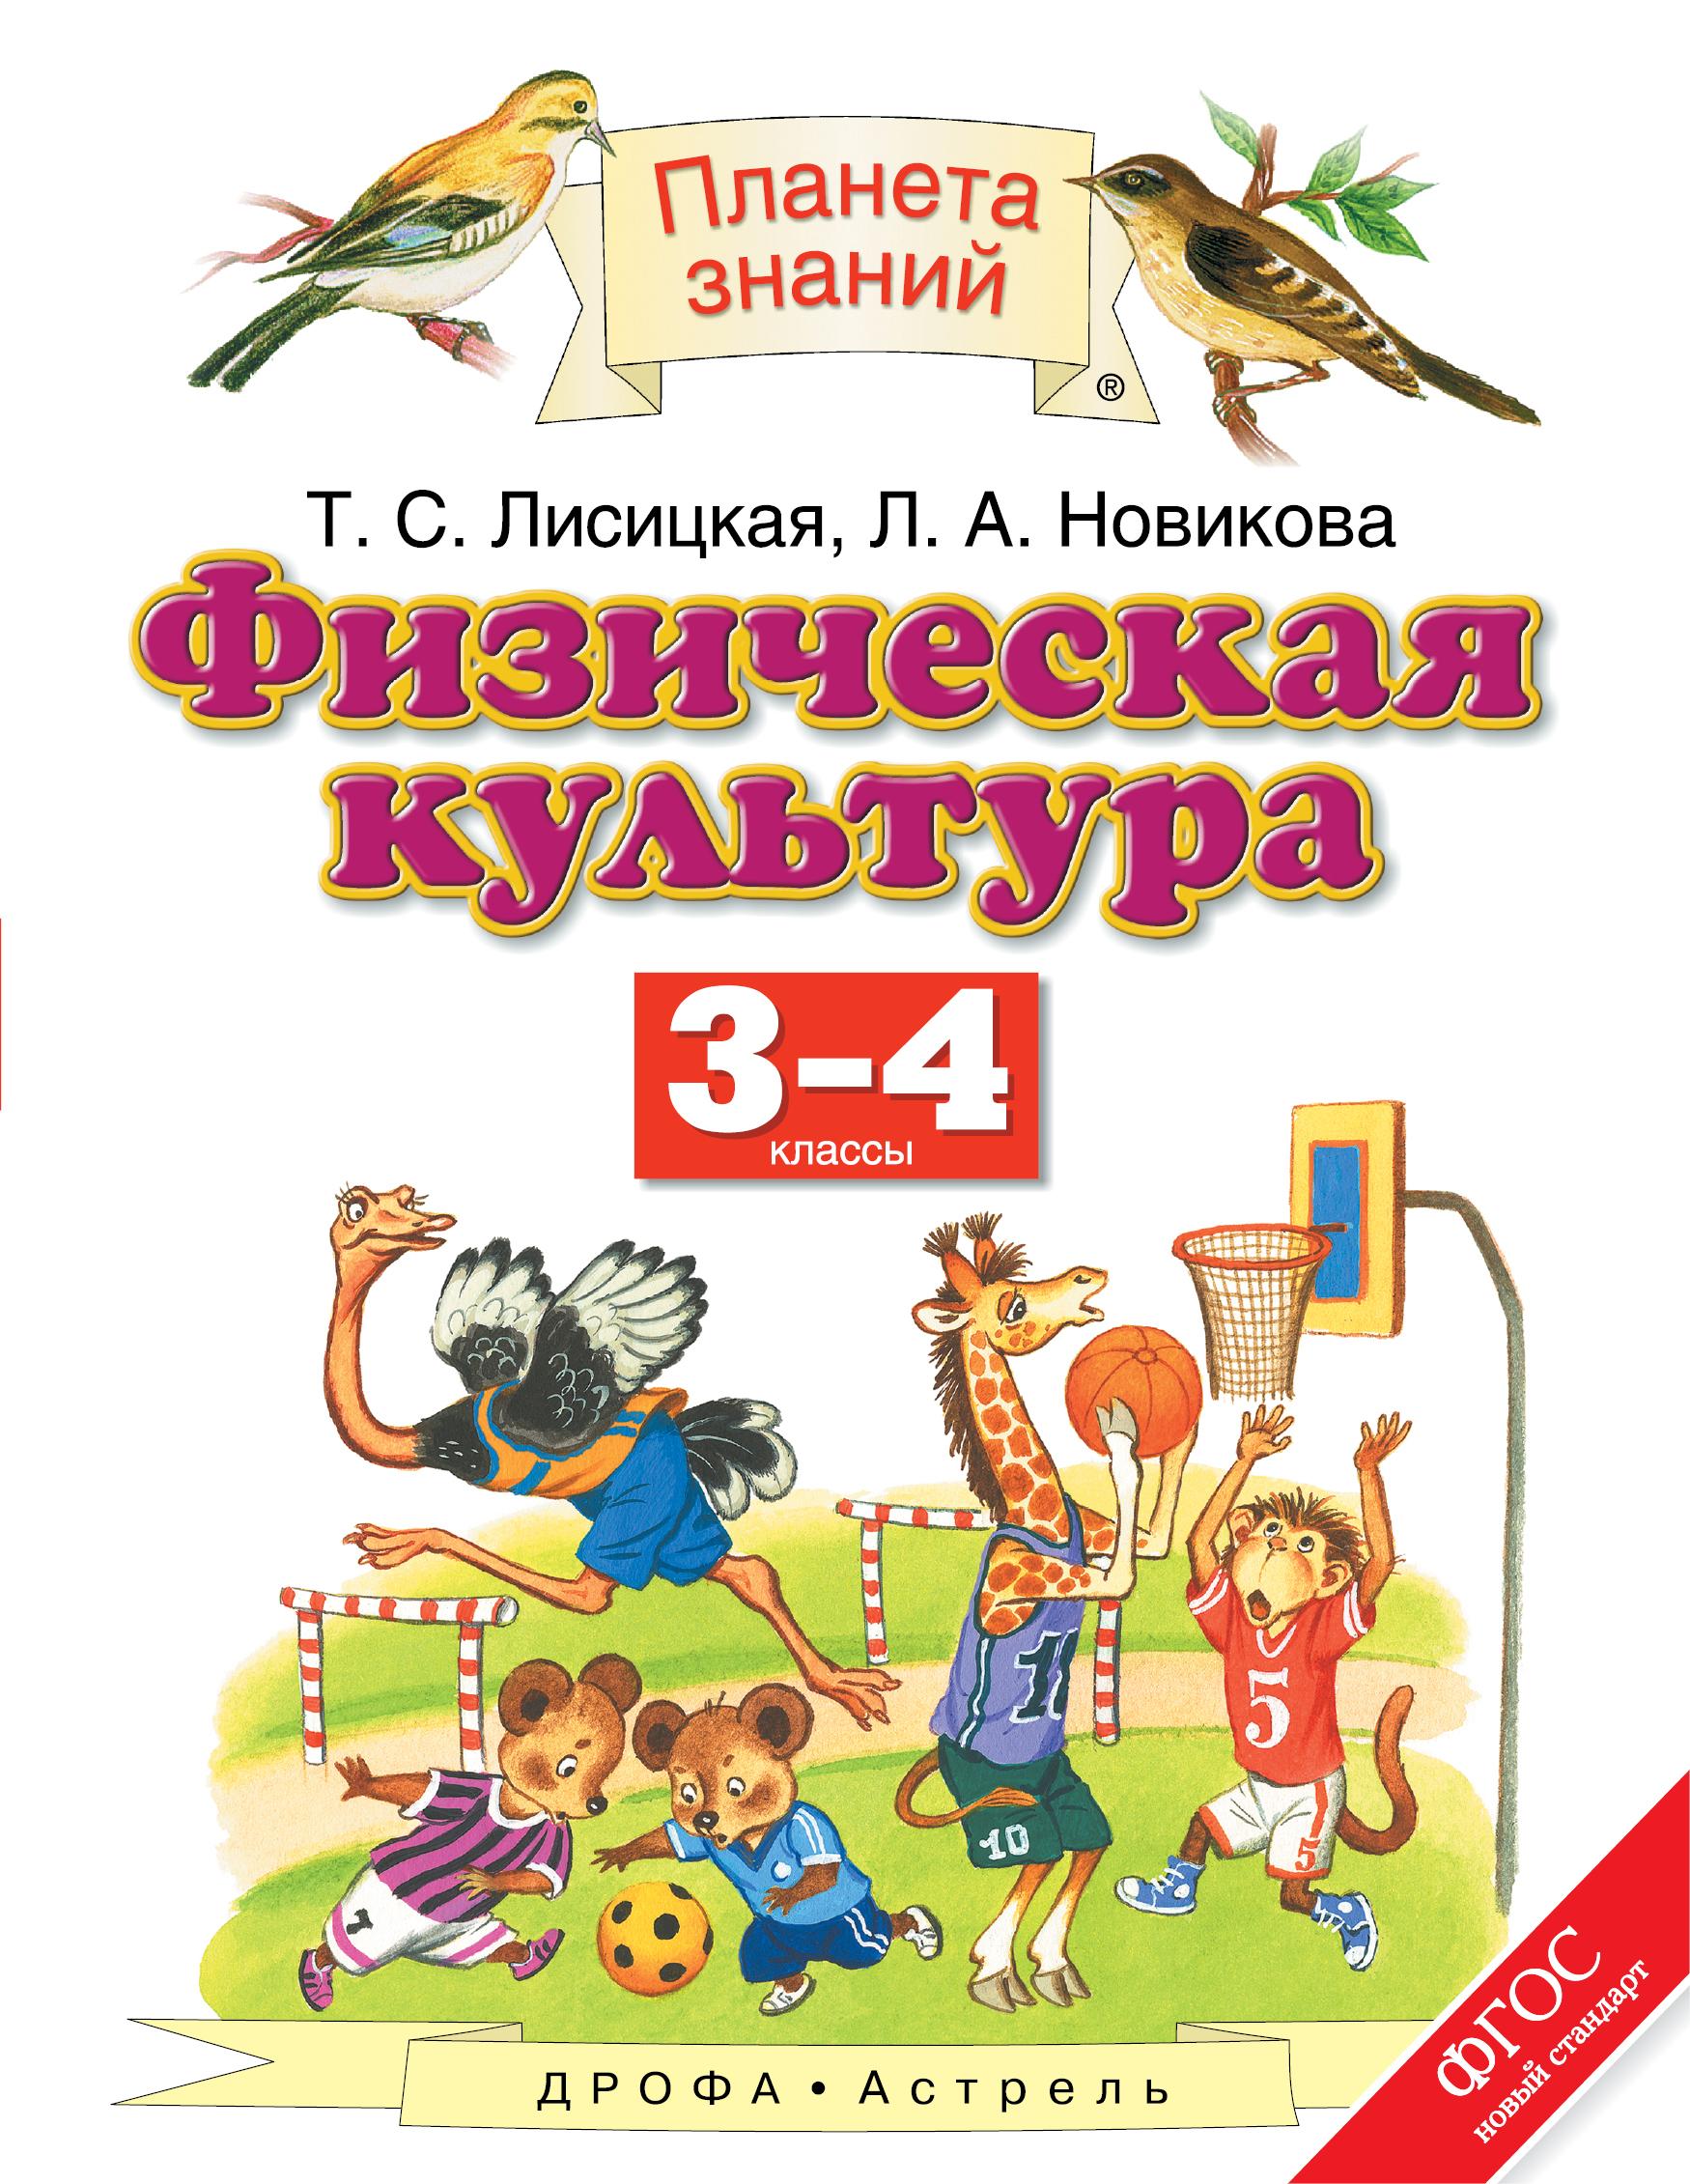 Физическая культура. 3-4 классы. Учебник ( Лисицкая Т.С., Новикова Л.А.  )